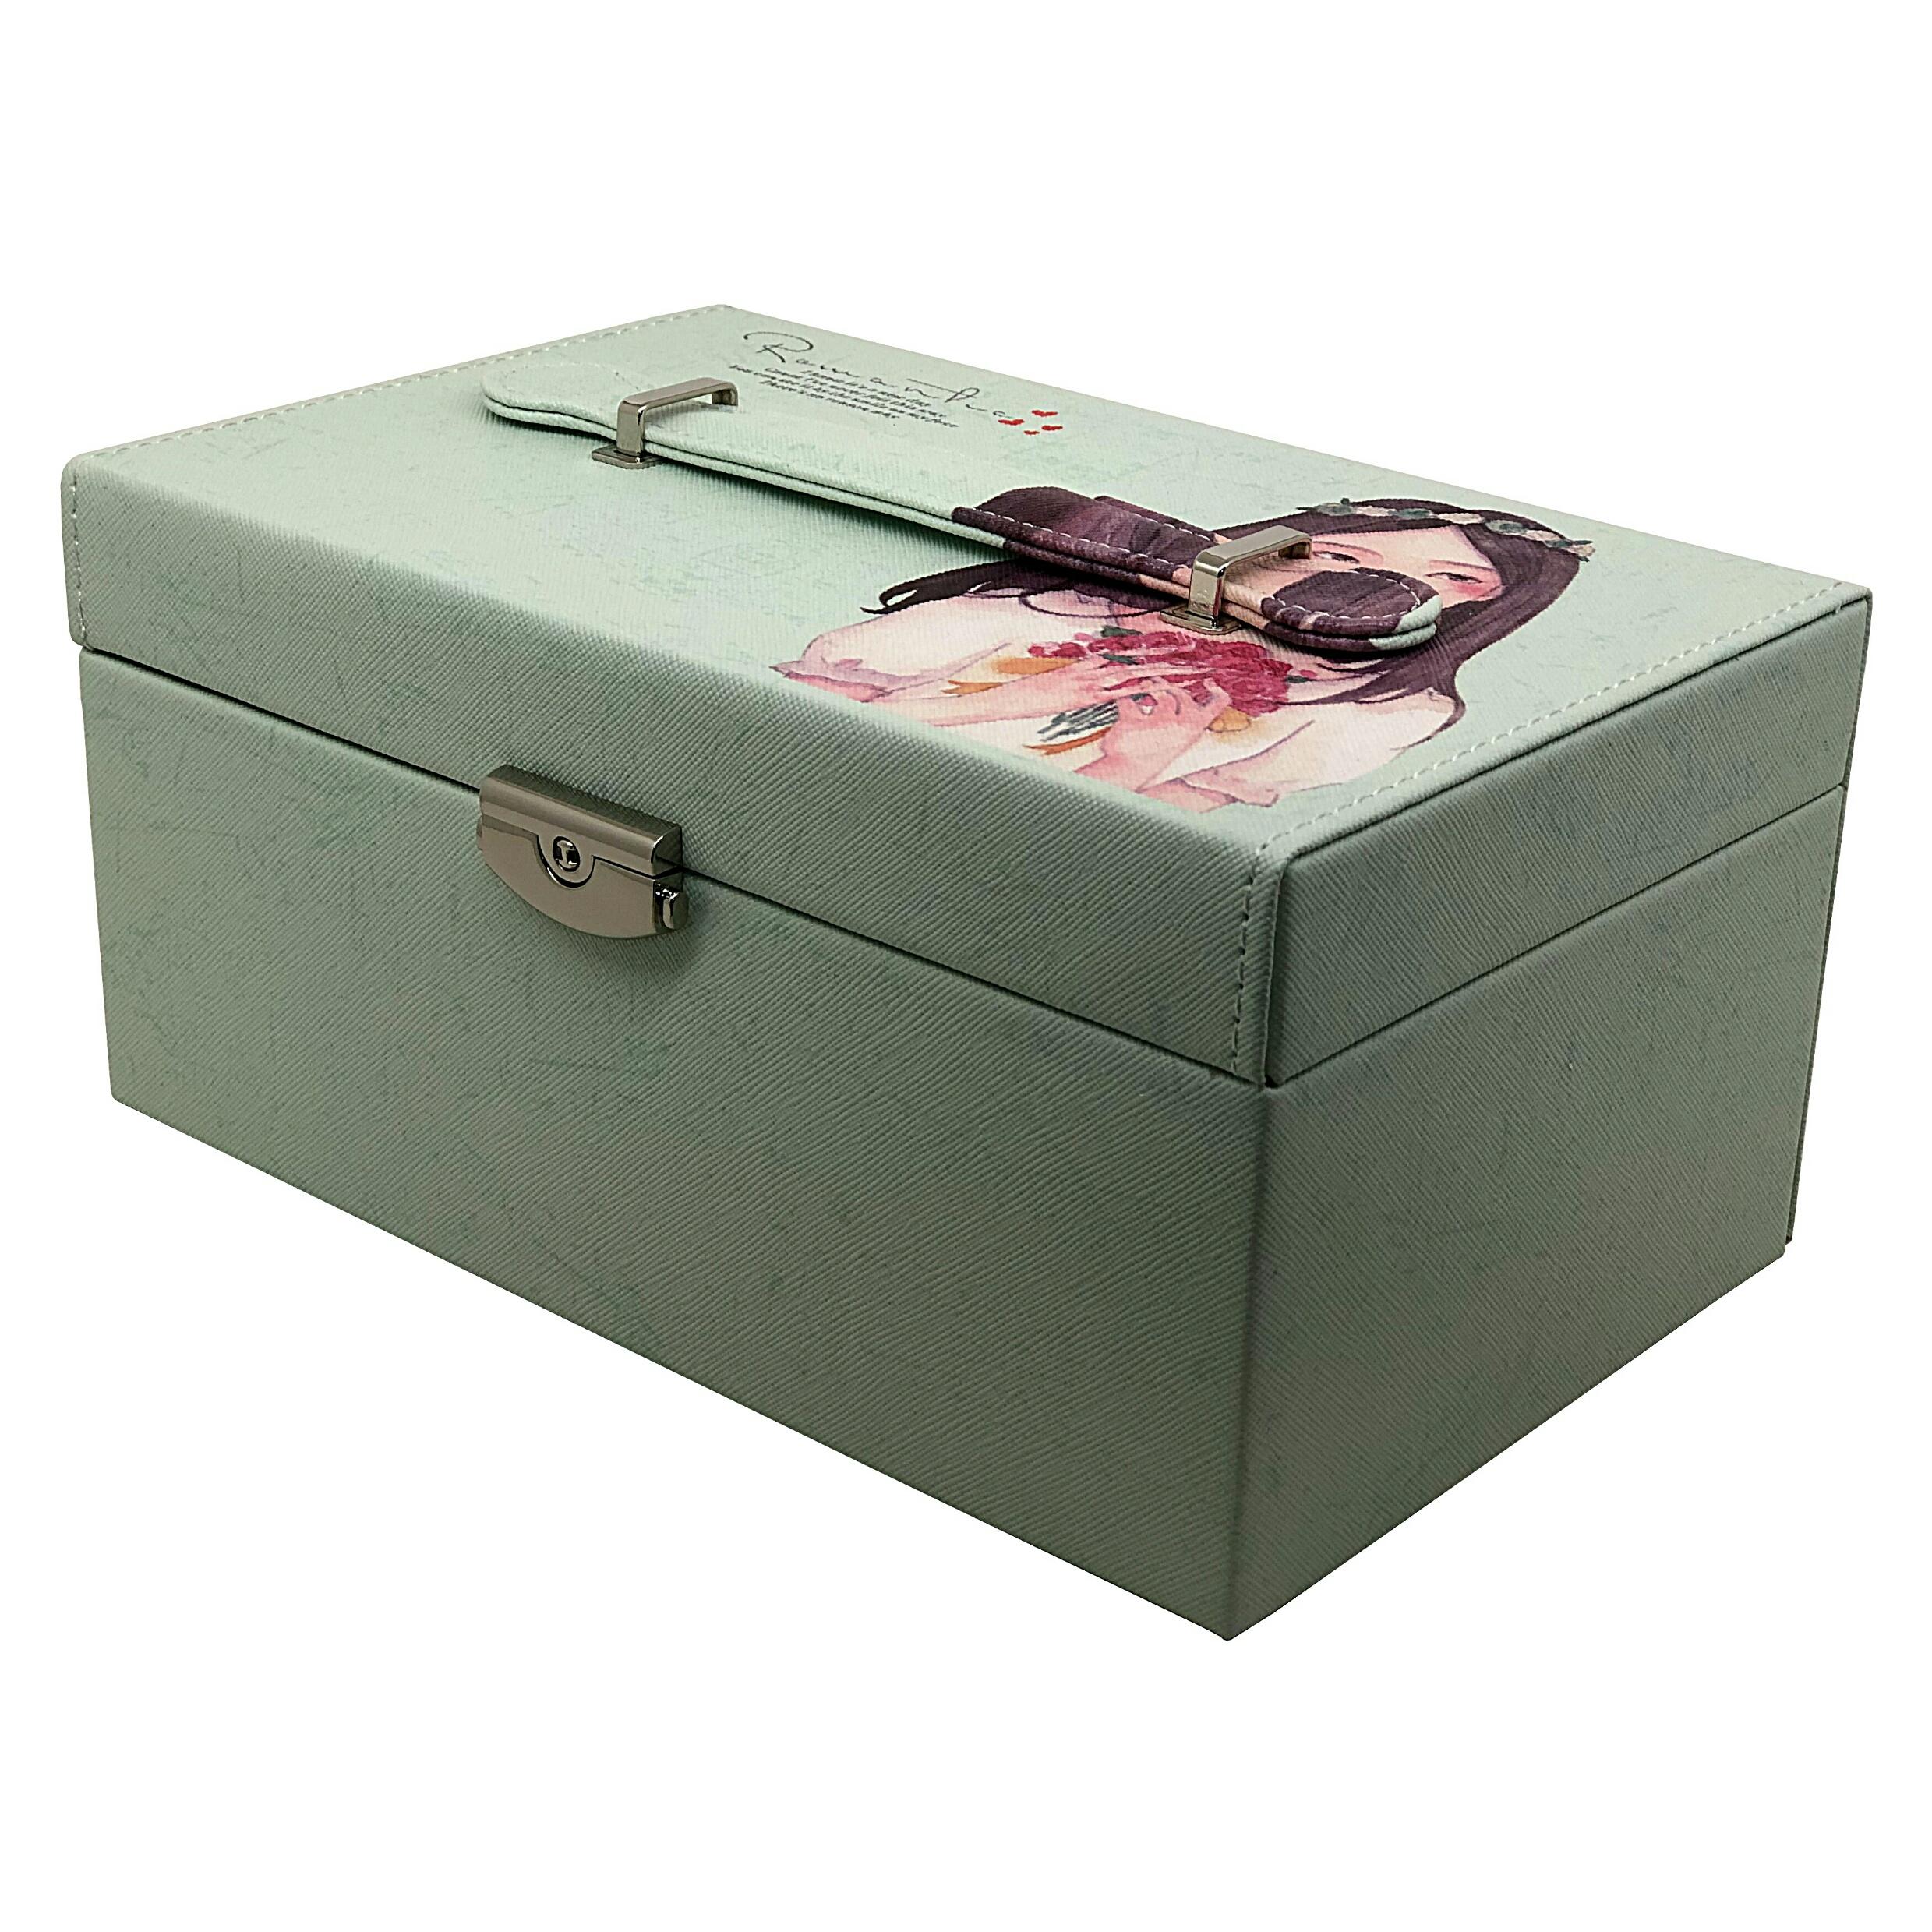 جعبه جواهرات مدل girl کد D1101.13